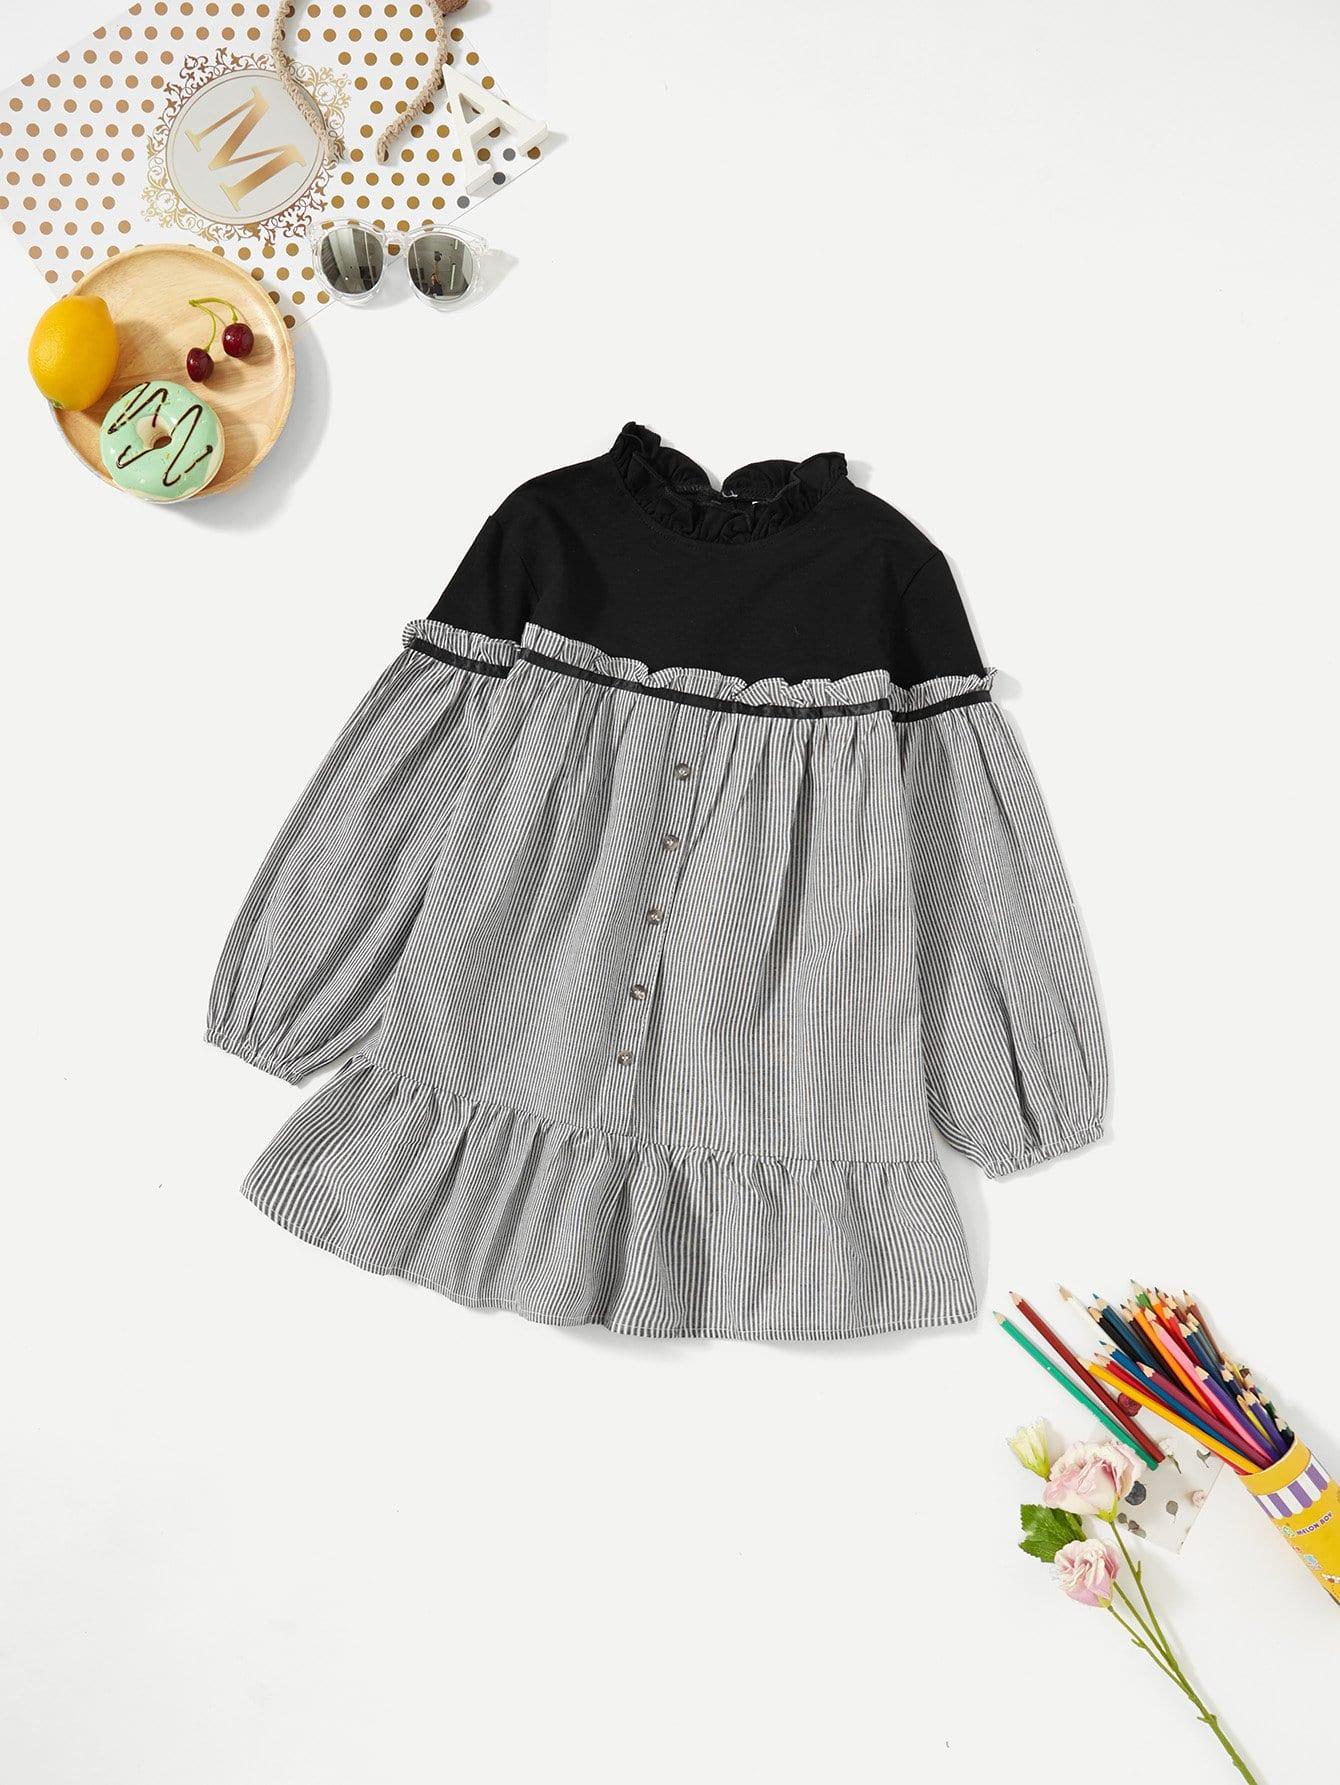 Купить Полосатое платье с кружевными оборками для девочки, null, SheIn